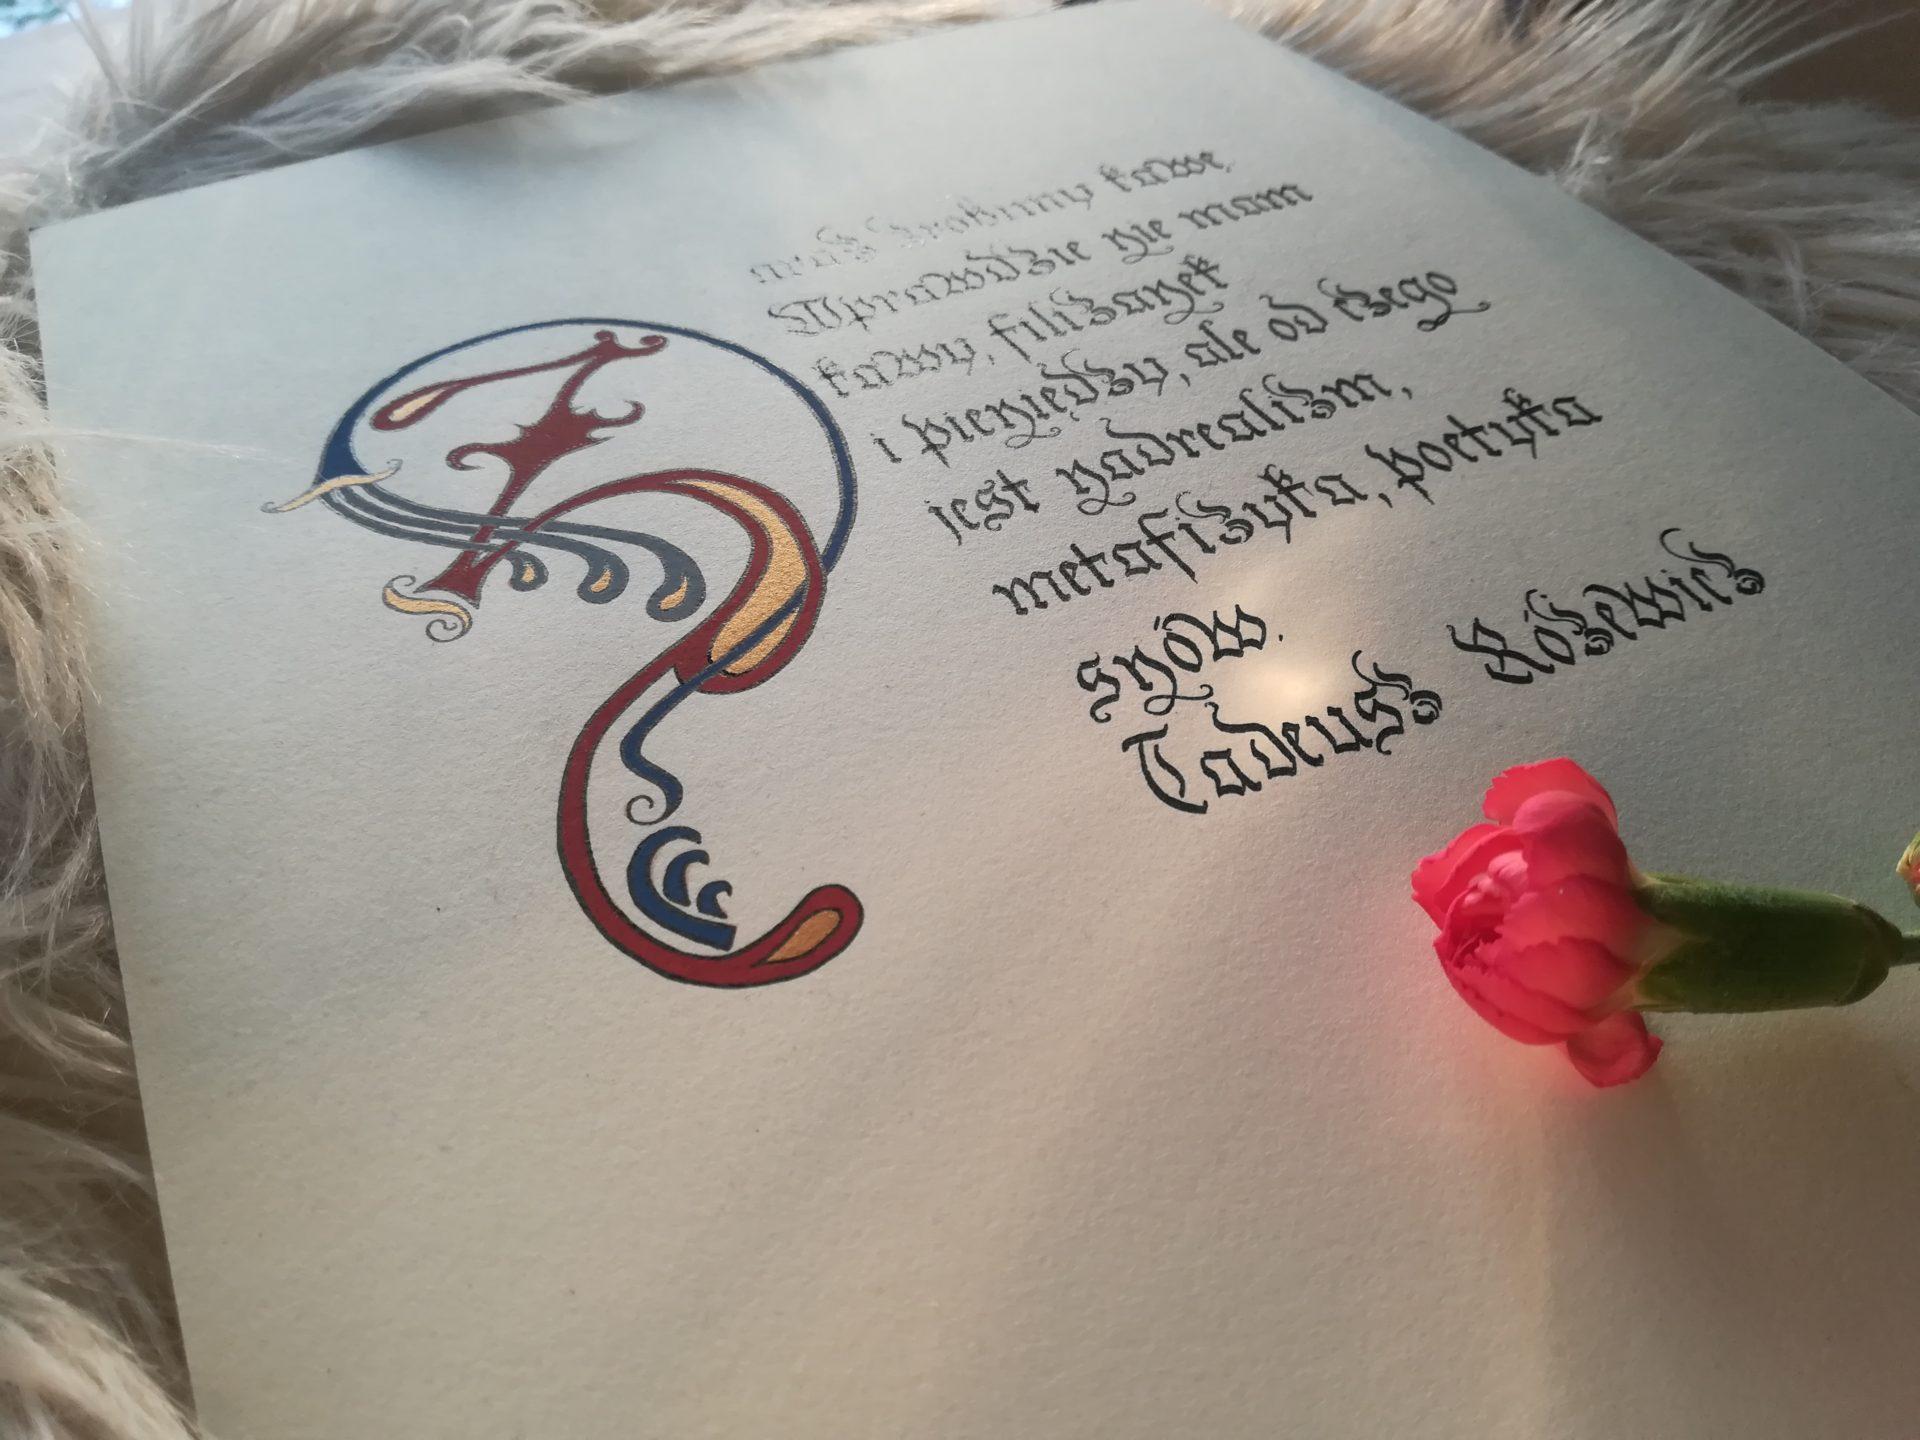 kaligrafia małopolska, kaligrafia kulinarna, kaligrafia literacka, kaligrafia Różewicz, zaraz zrobimy kawę, kawa, poezja Tadeusz Różewicz